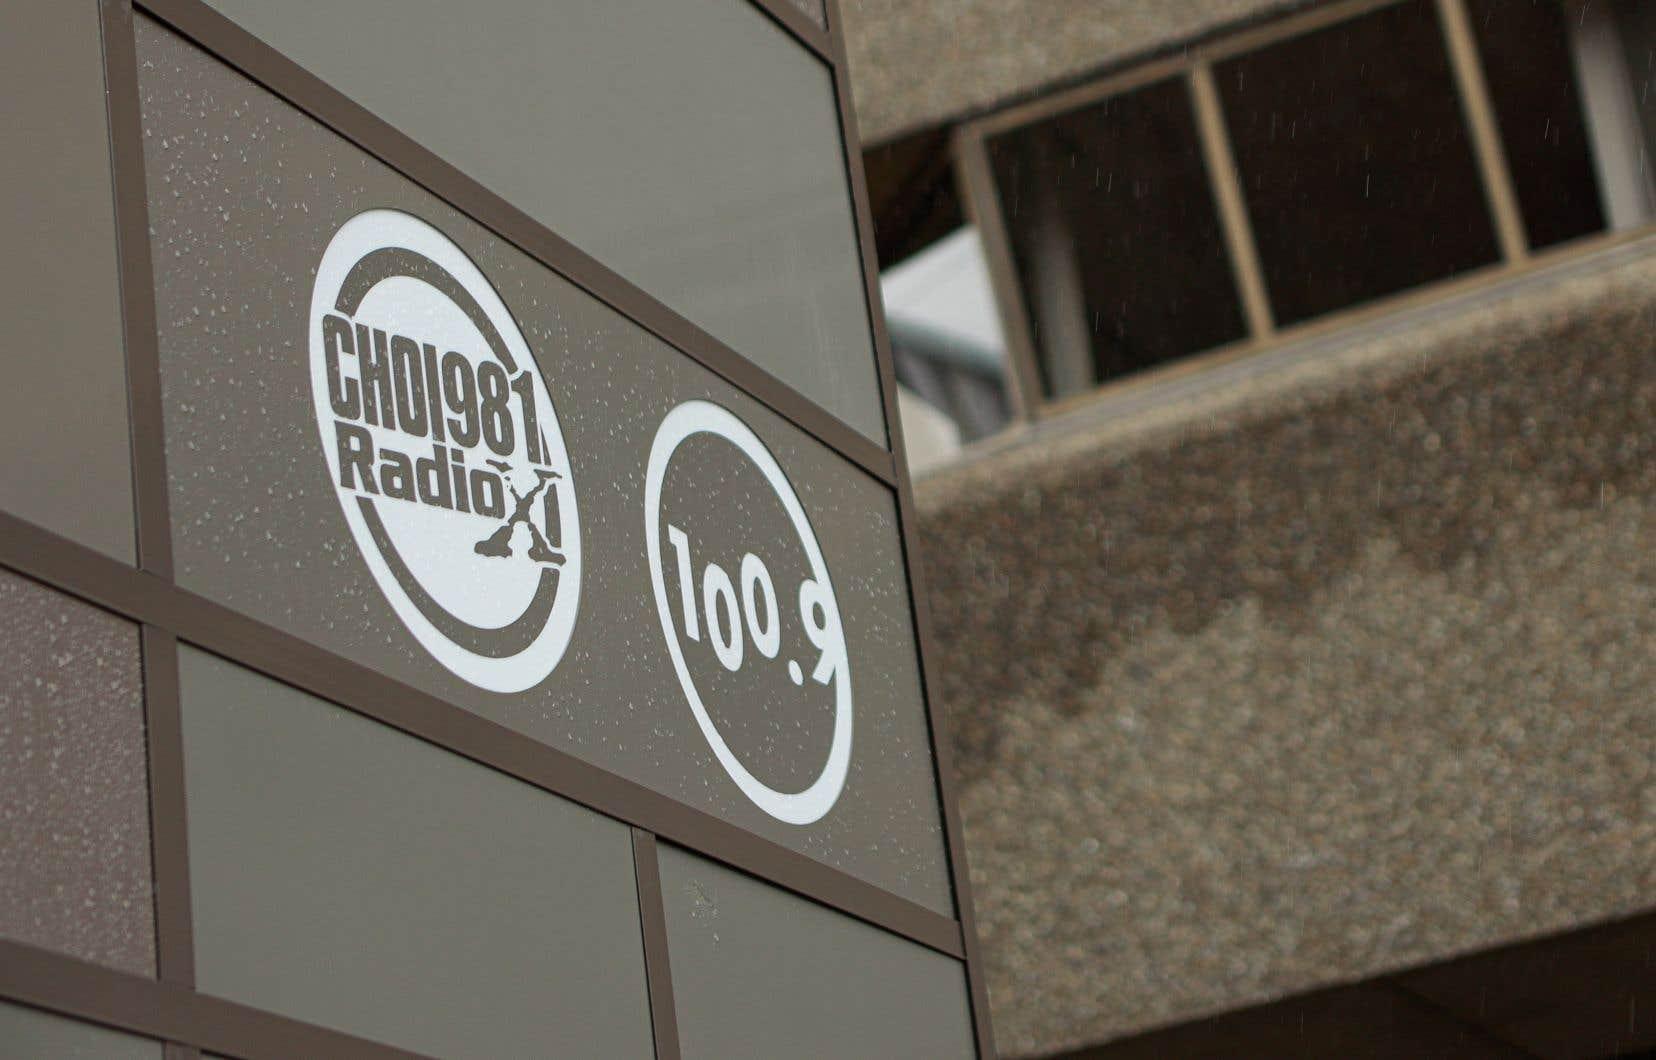 Les compagnies qui achètent des publicités sur leurs ondes souffrent d' acharnement» de la part des membres de la coalition, plaide Radio X.